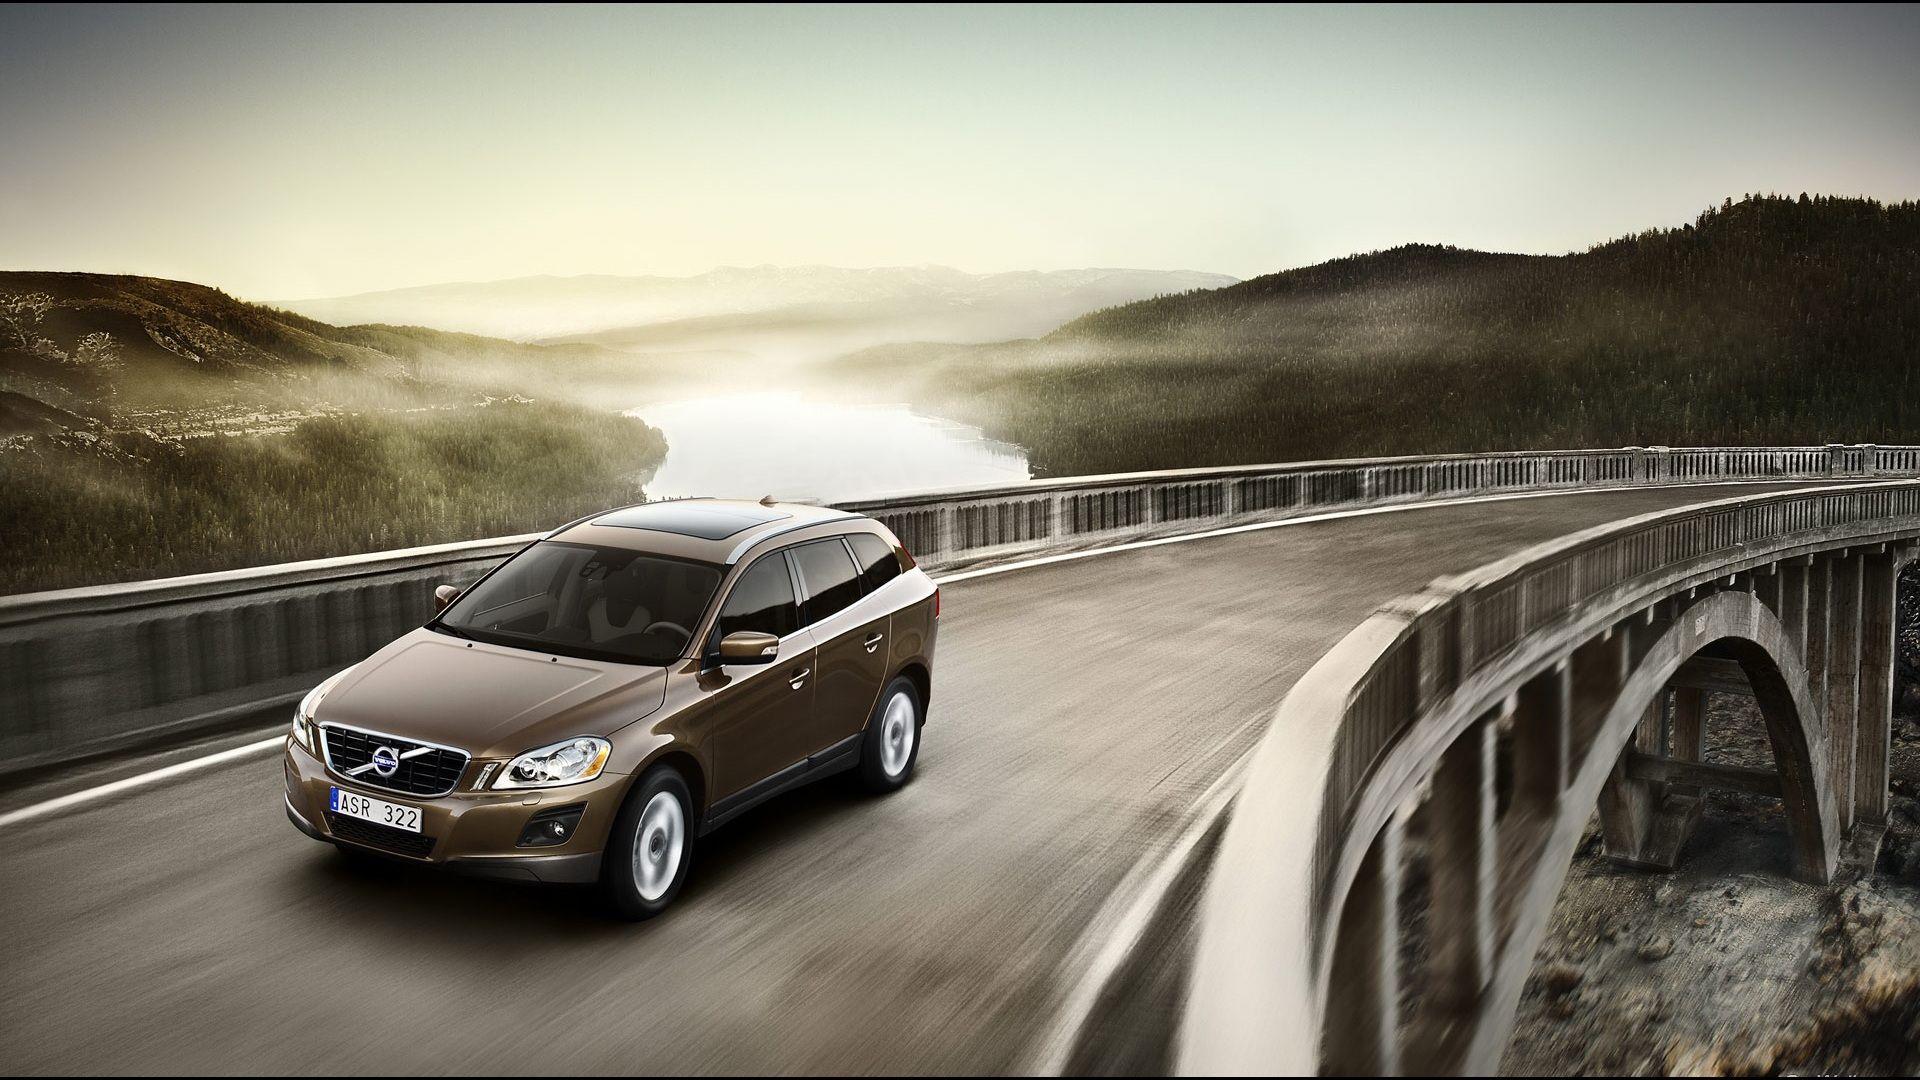 Volvo Wallpaper Images Grv Volvo Carros Brasil